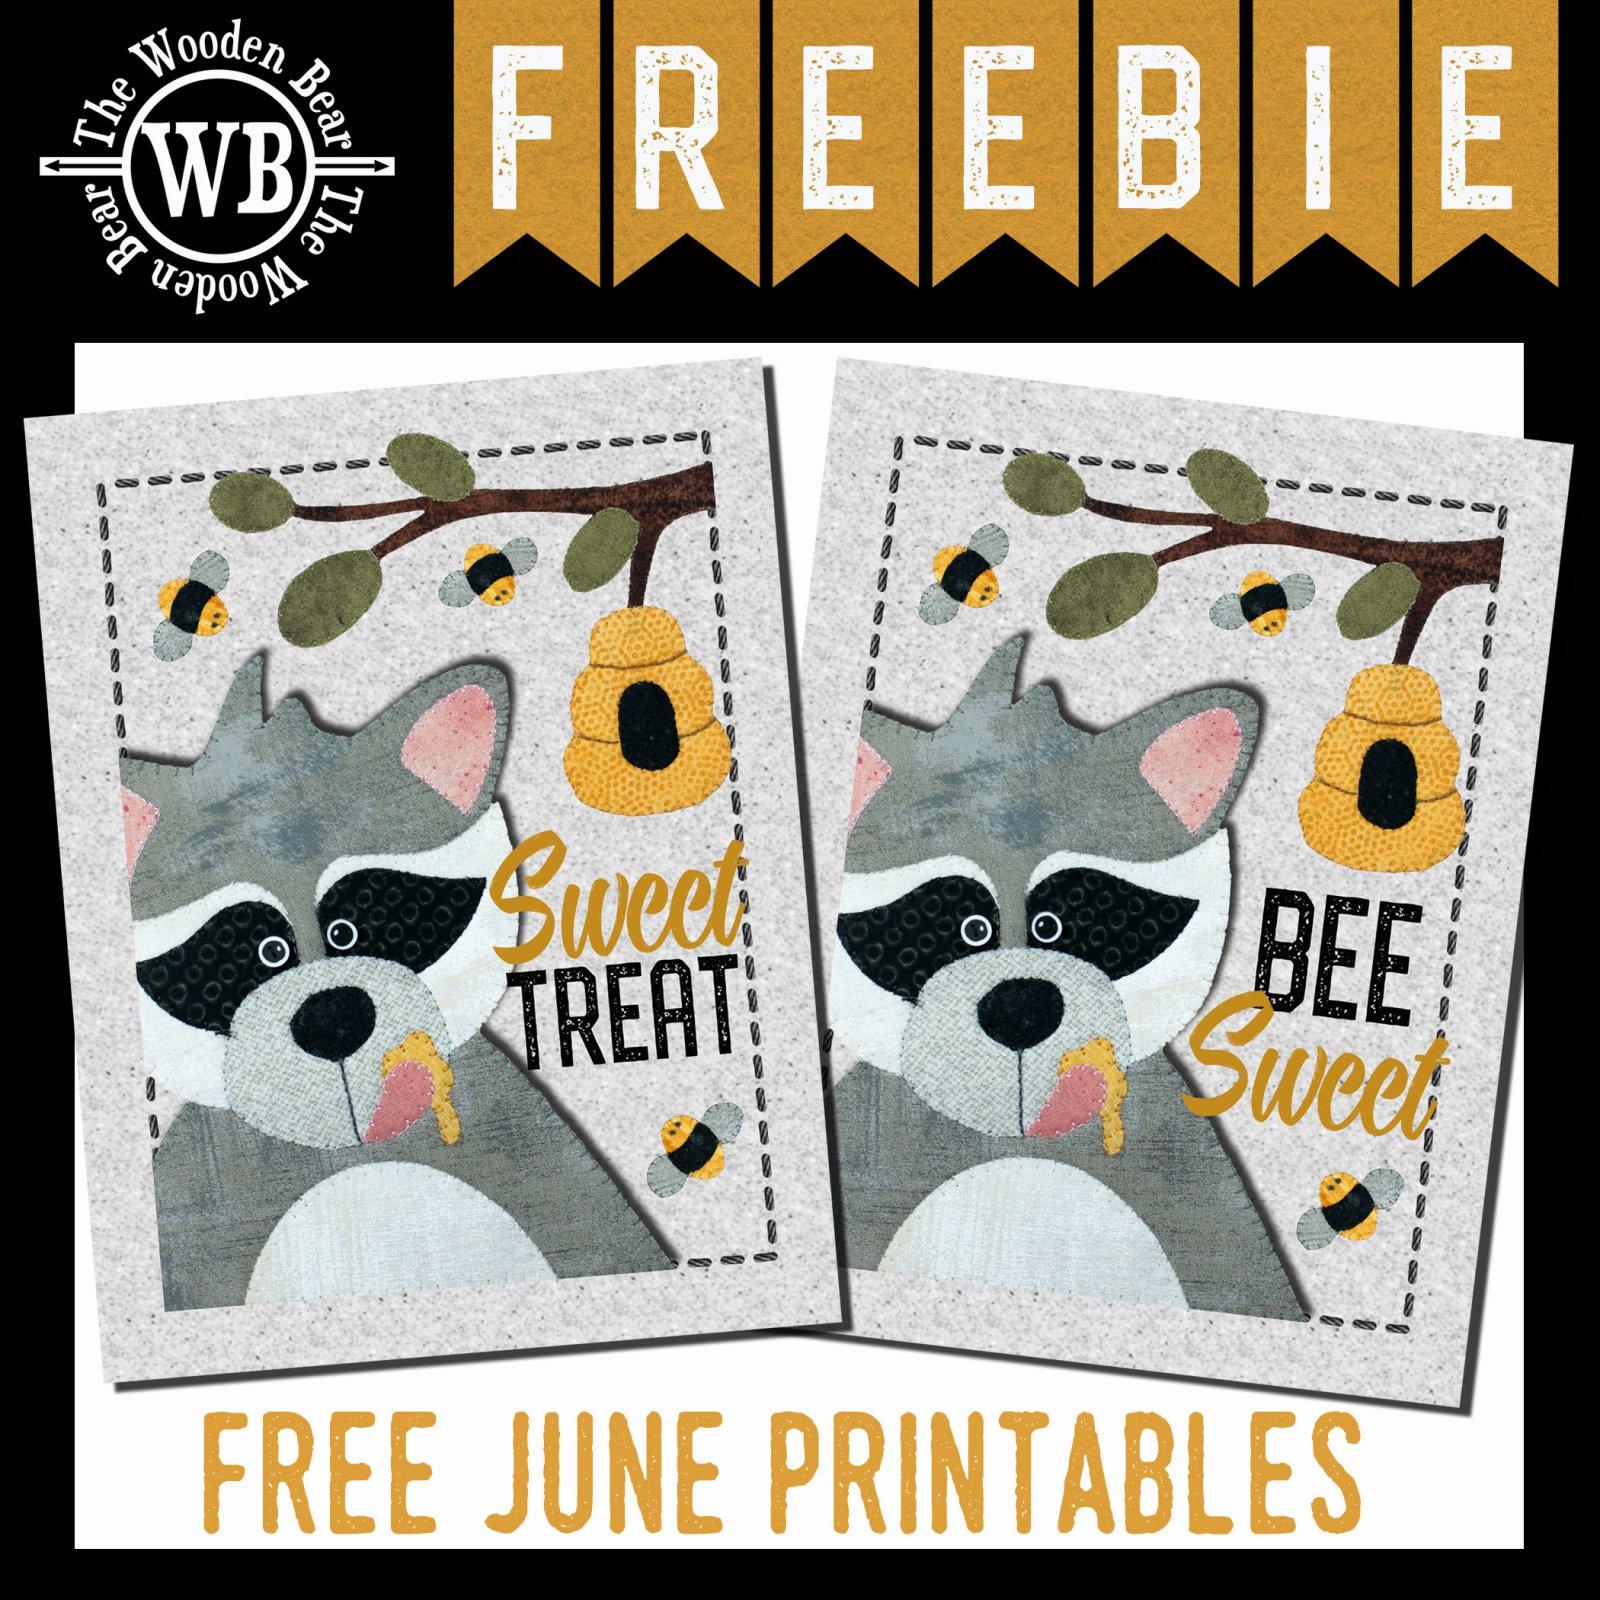 FREEBIE June Printable